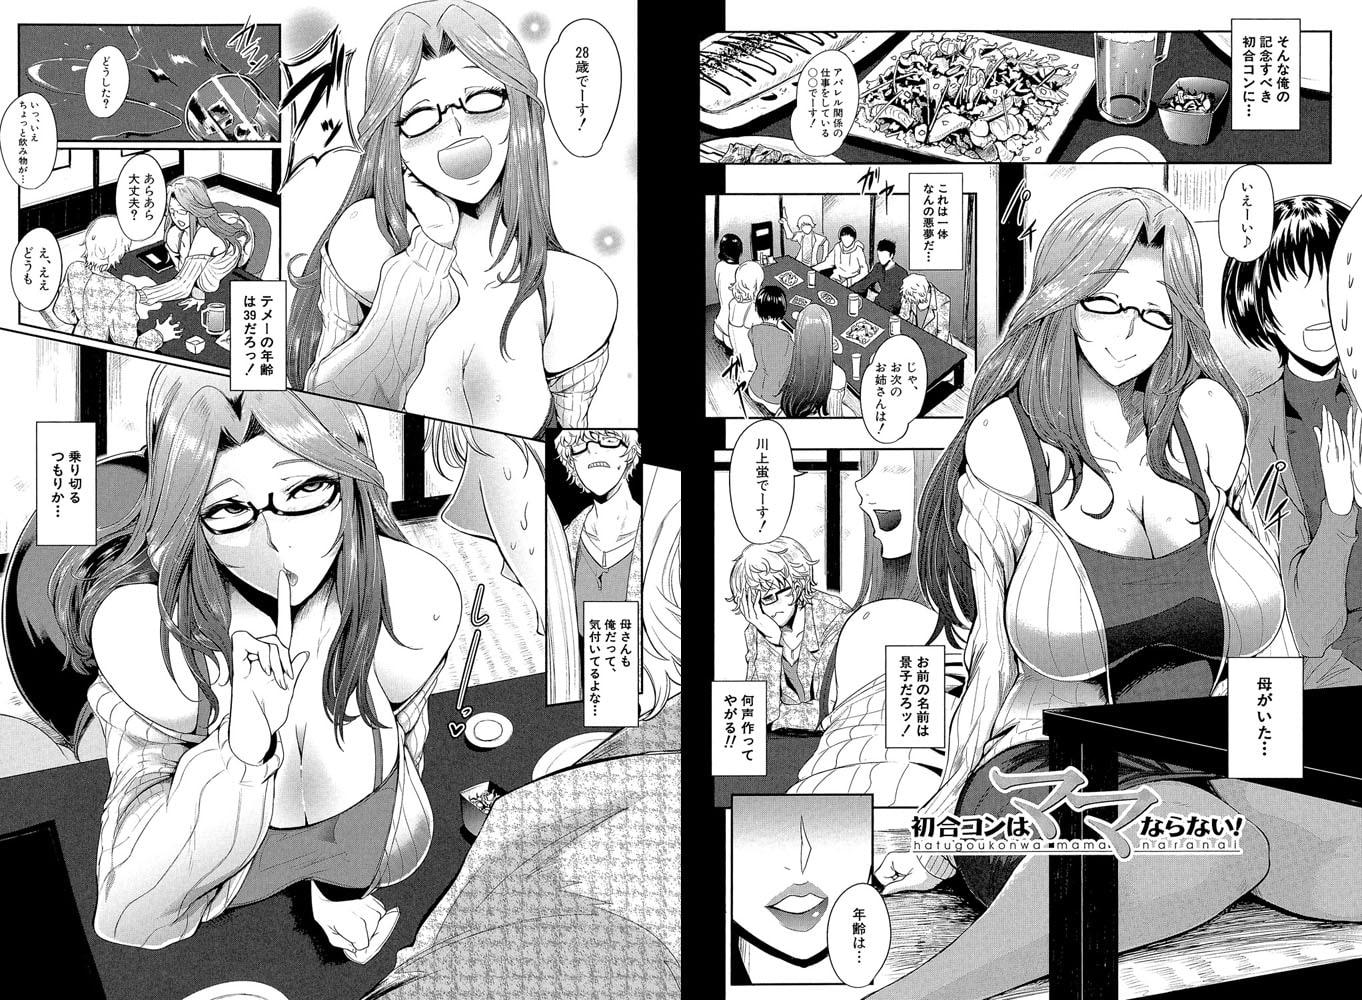 【ティーアイネット】おとちち先生 2冊パック(202005)